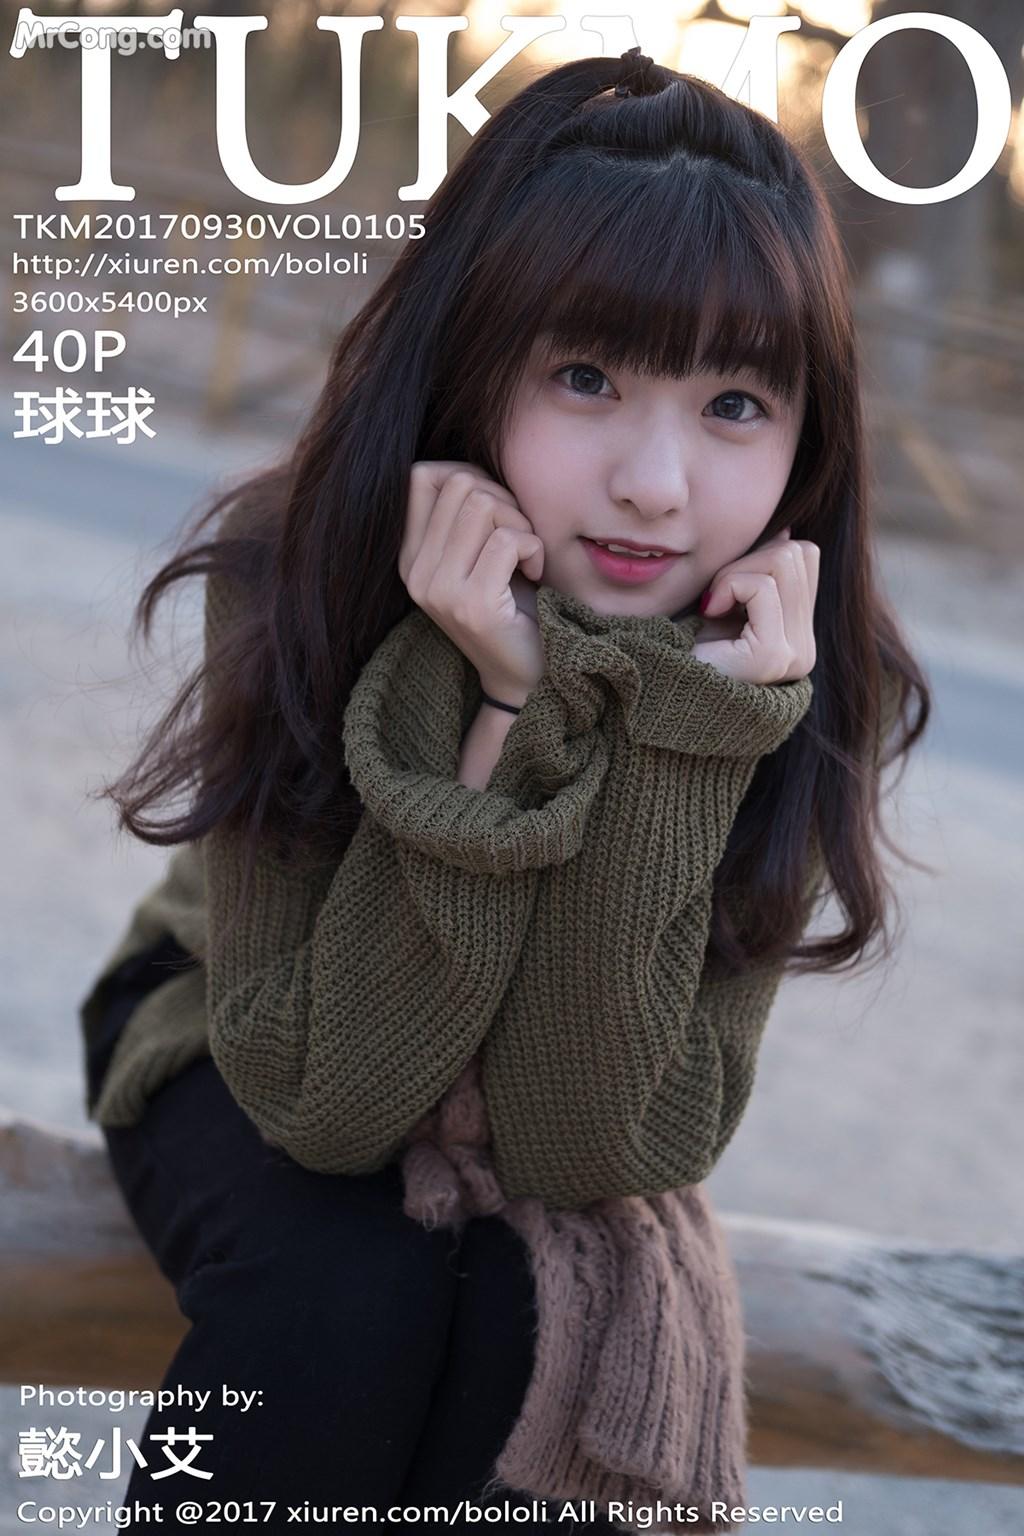 Tukmo Vol.105: Người mẫu Qiu Qiu (球球) (41 ảnh)